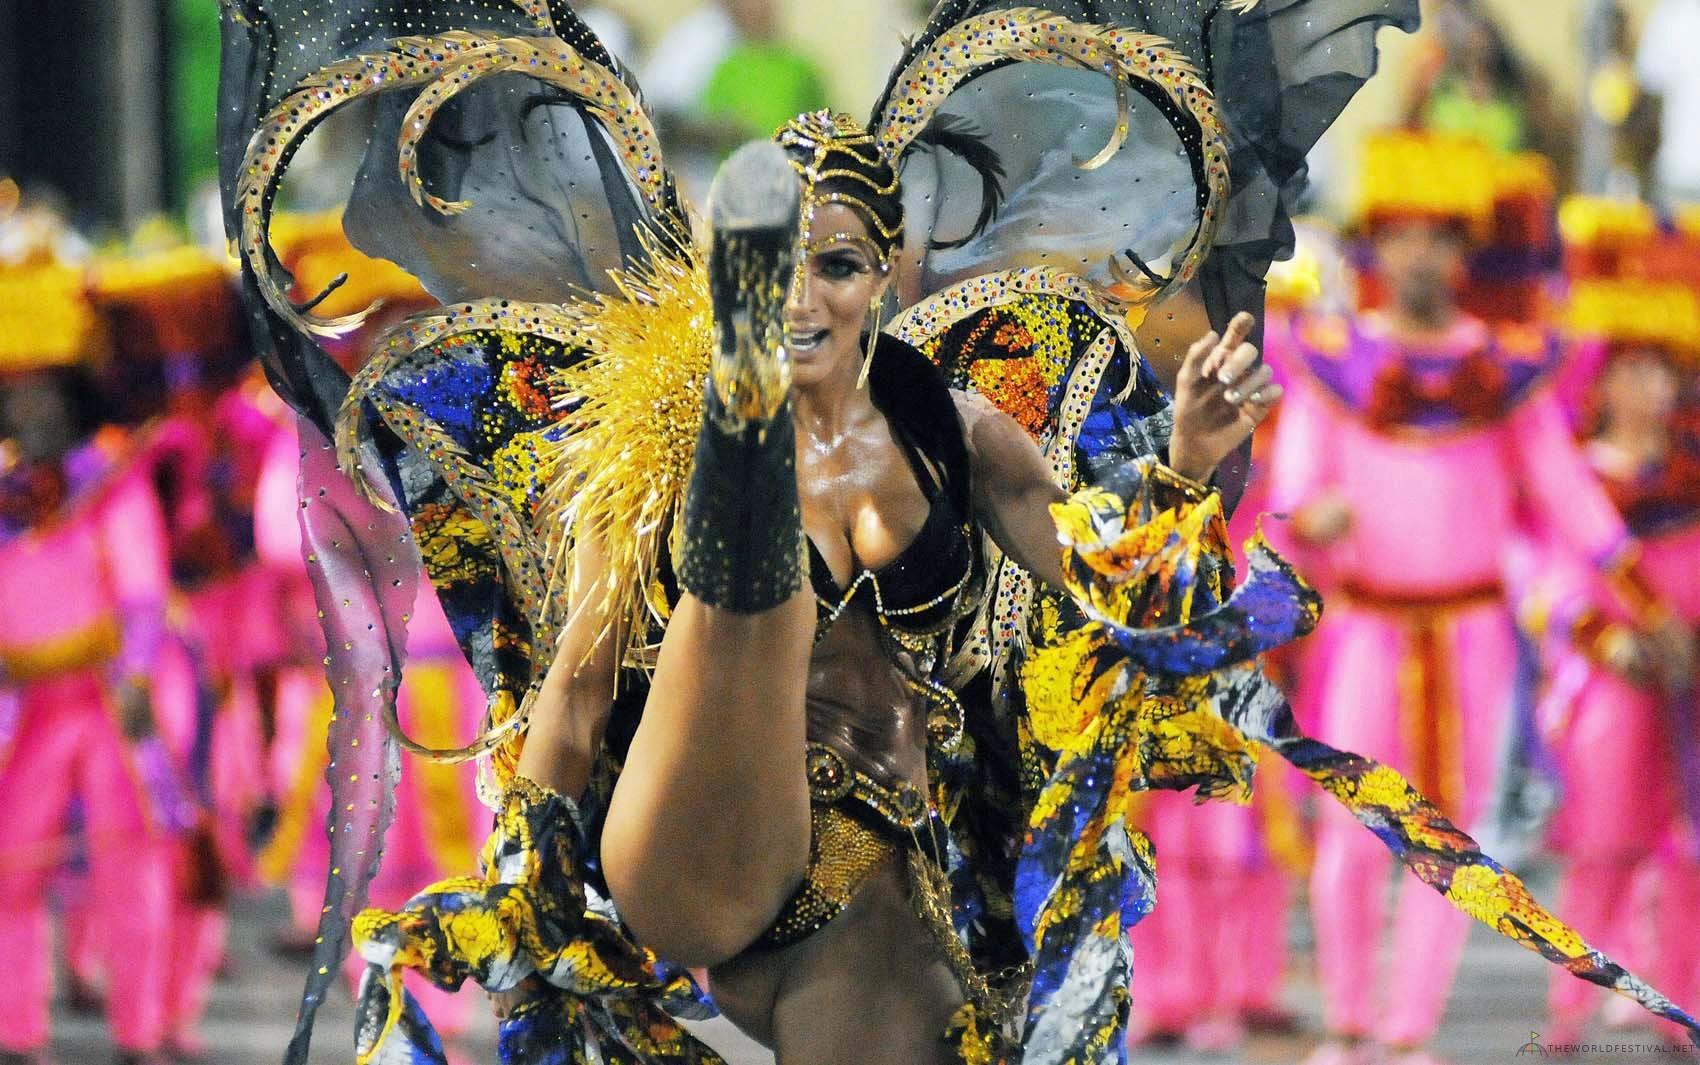 без цензуры фото с карнавалов западная украина